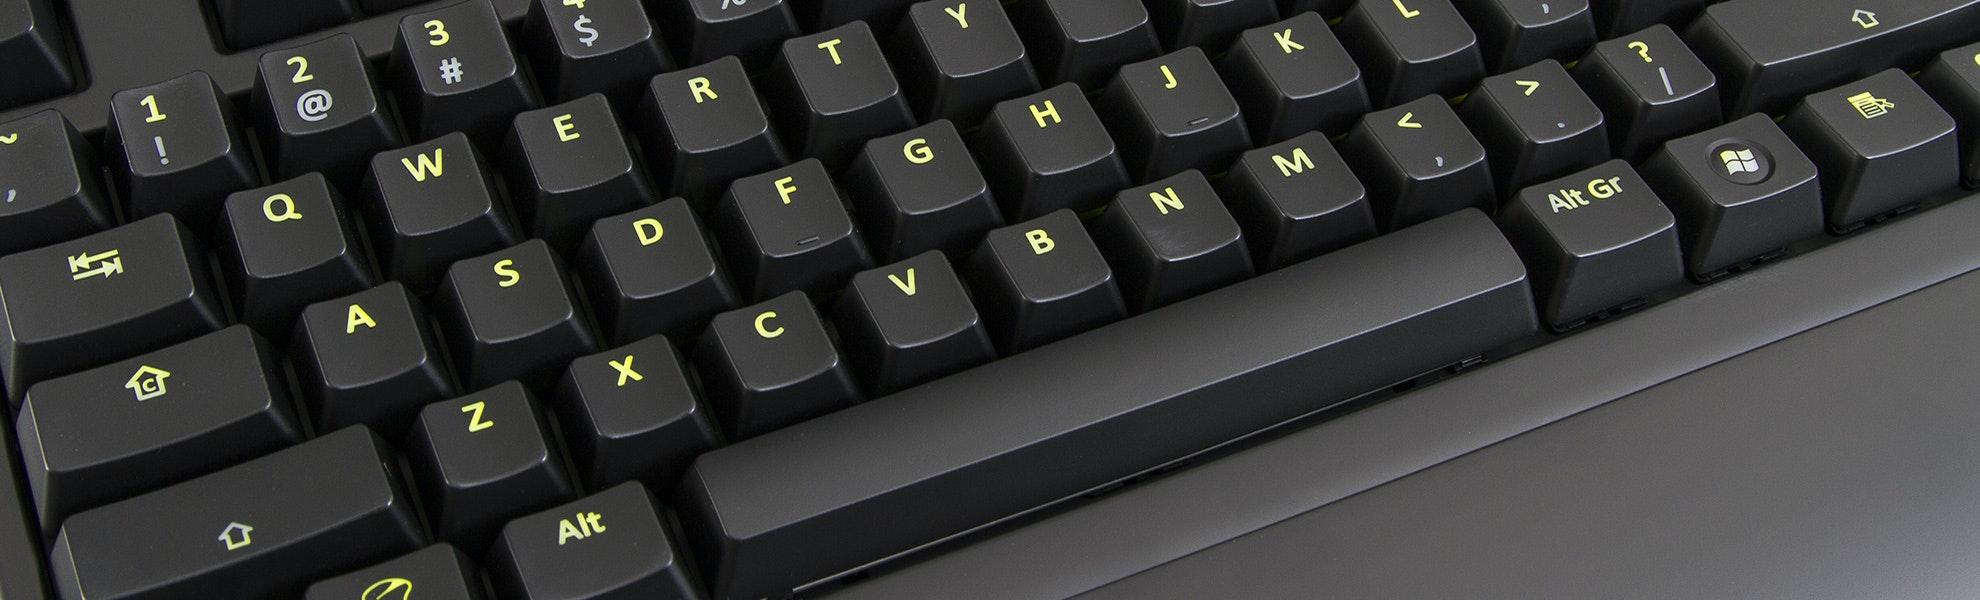 Mionix Zibal 60 Keyboard